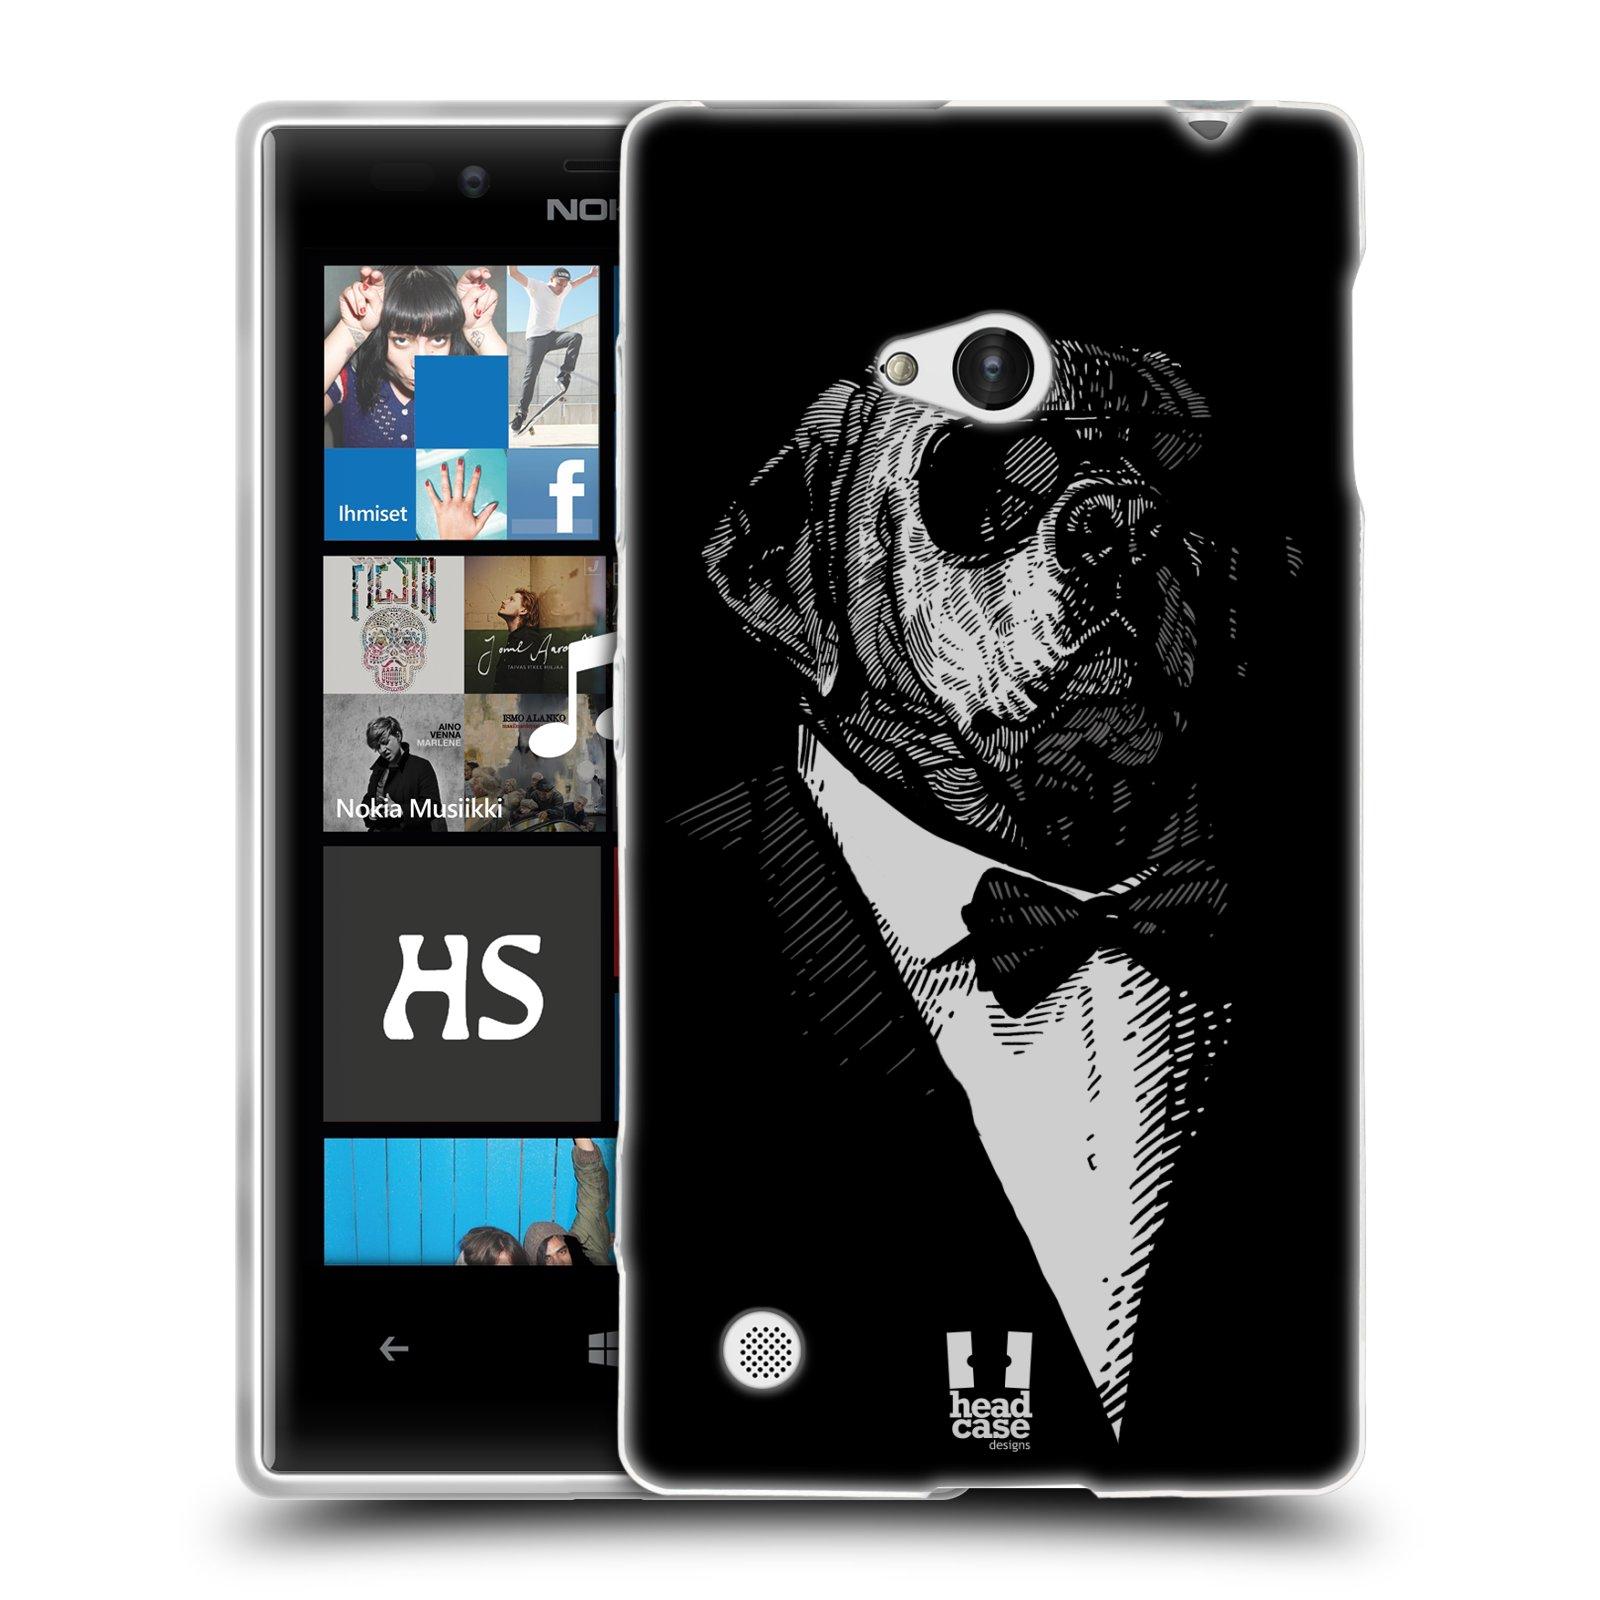 HEAD CASE silikonový obal na mobil NOKIA Lumia 720 vzor Zvíře v obleku pes